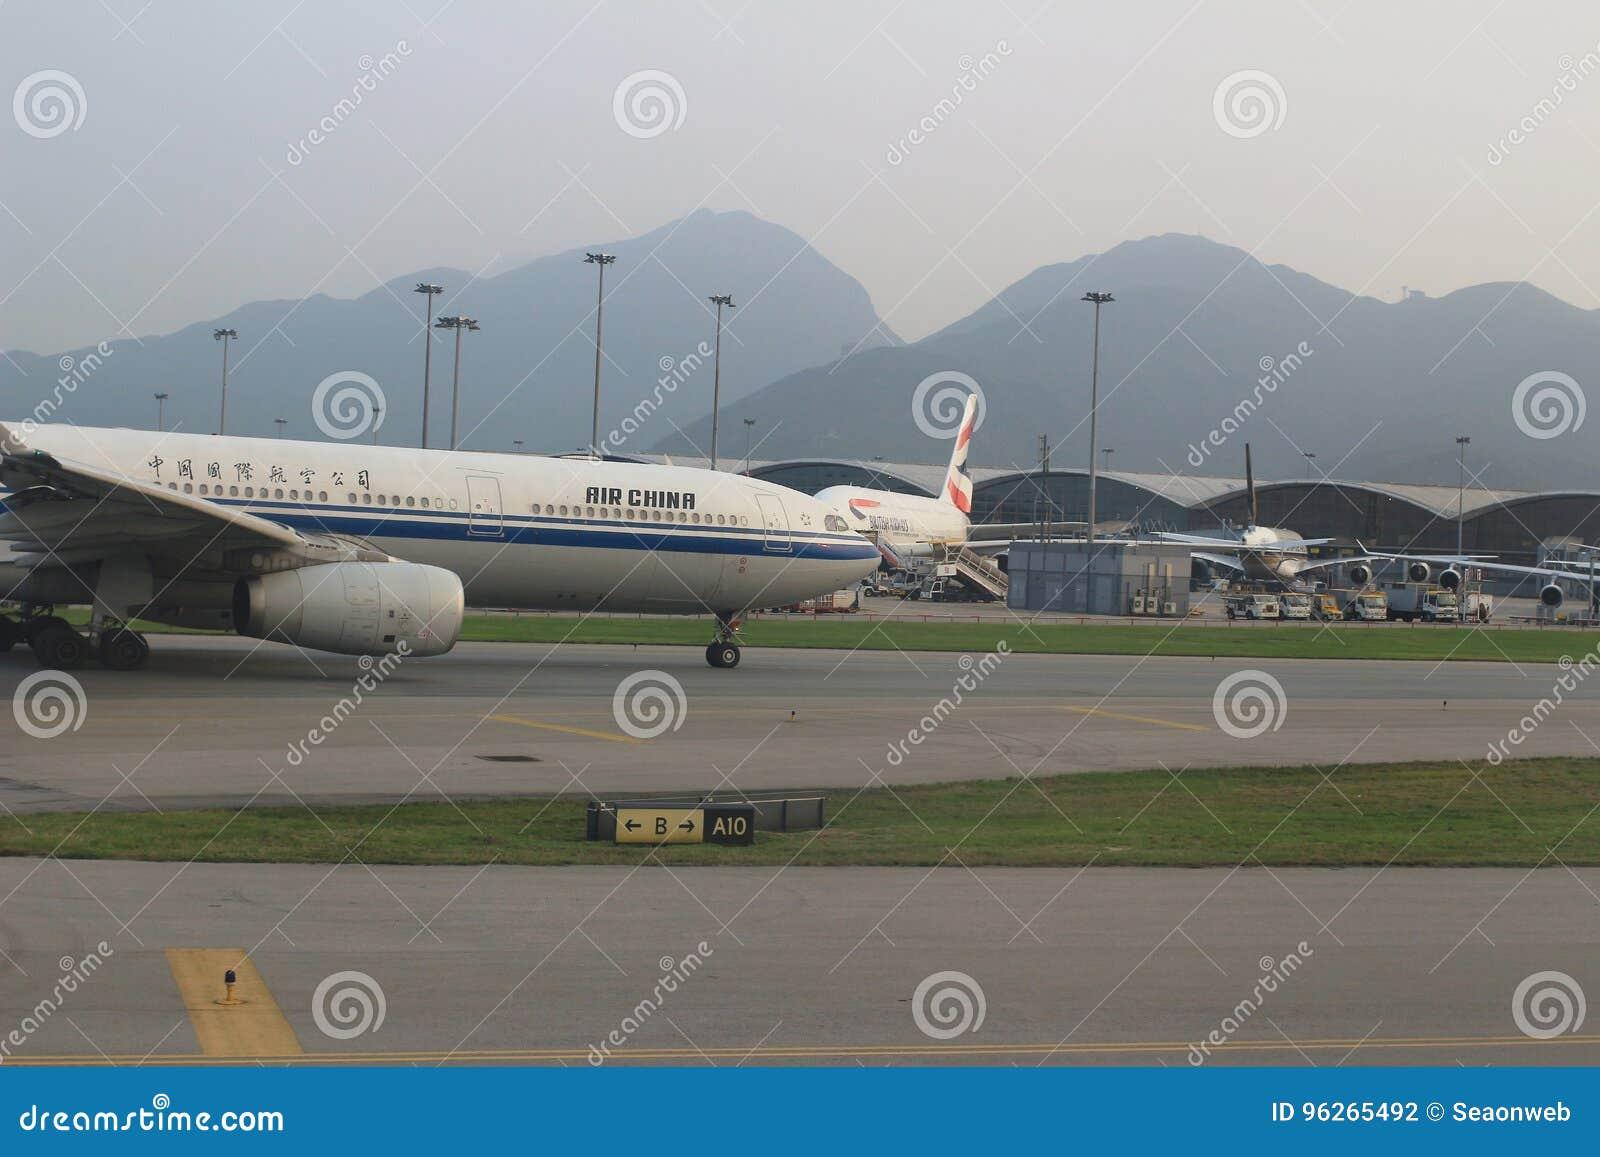 Passenger aircraft on the runway of Hong Kong